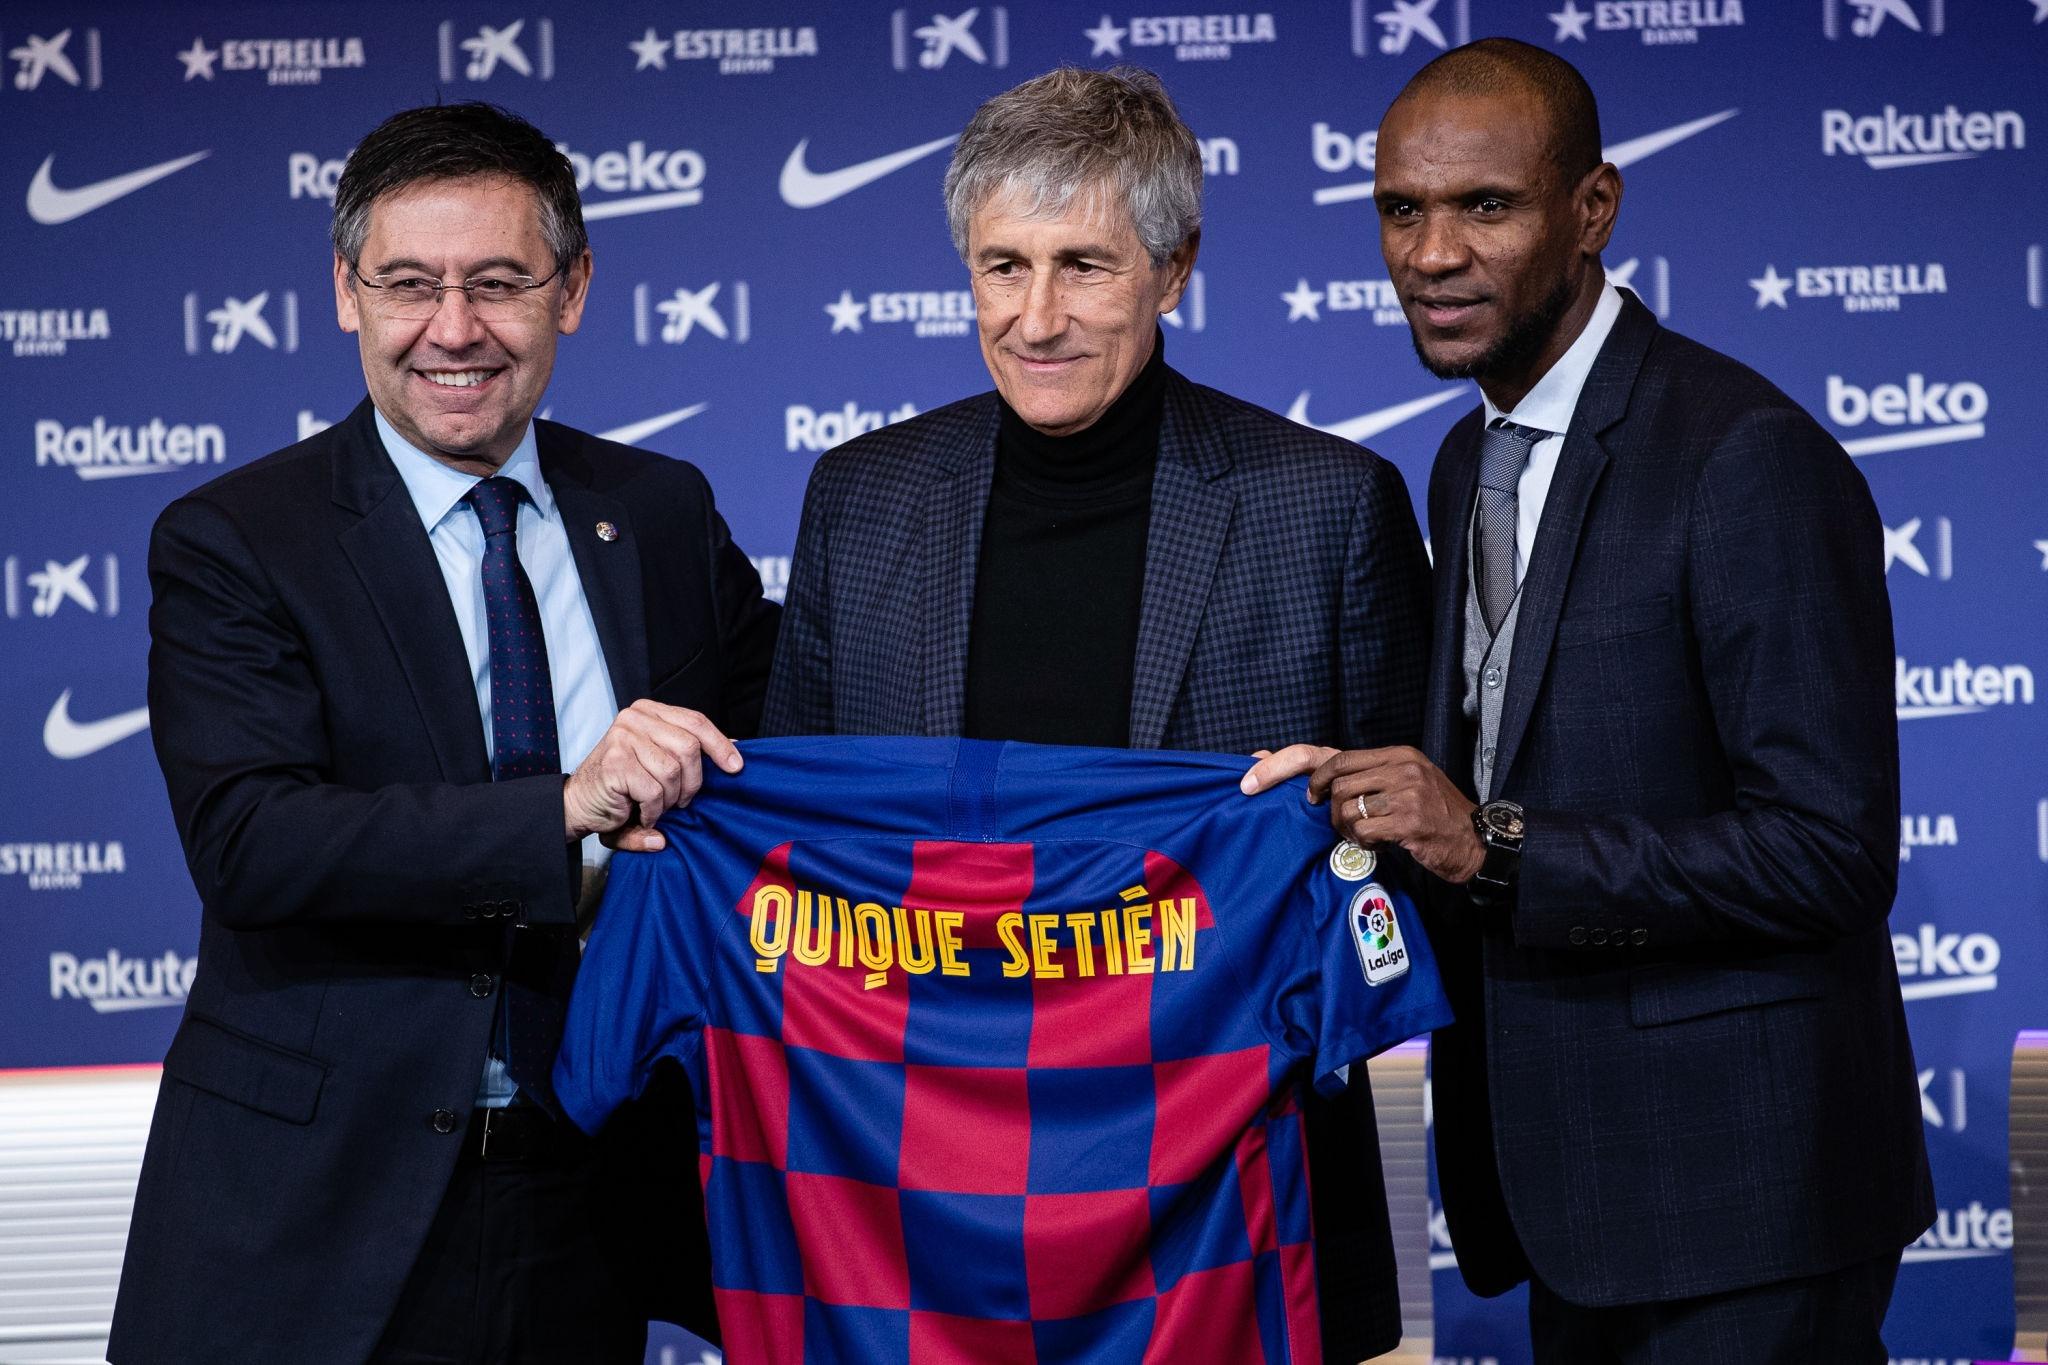 كيكي سيتين مدرب برشلونة الجديد بقميص البلوجرانا